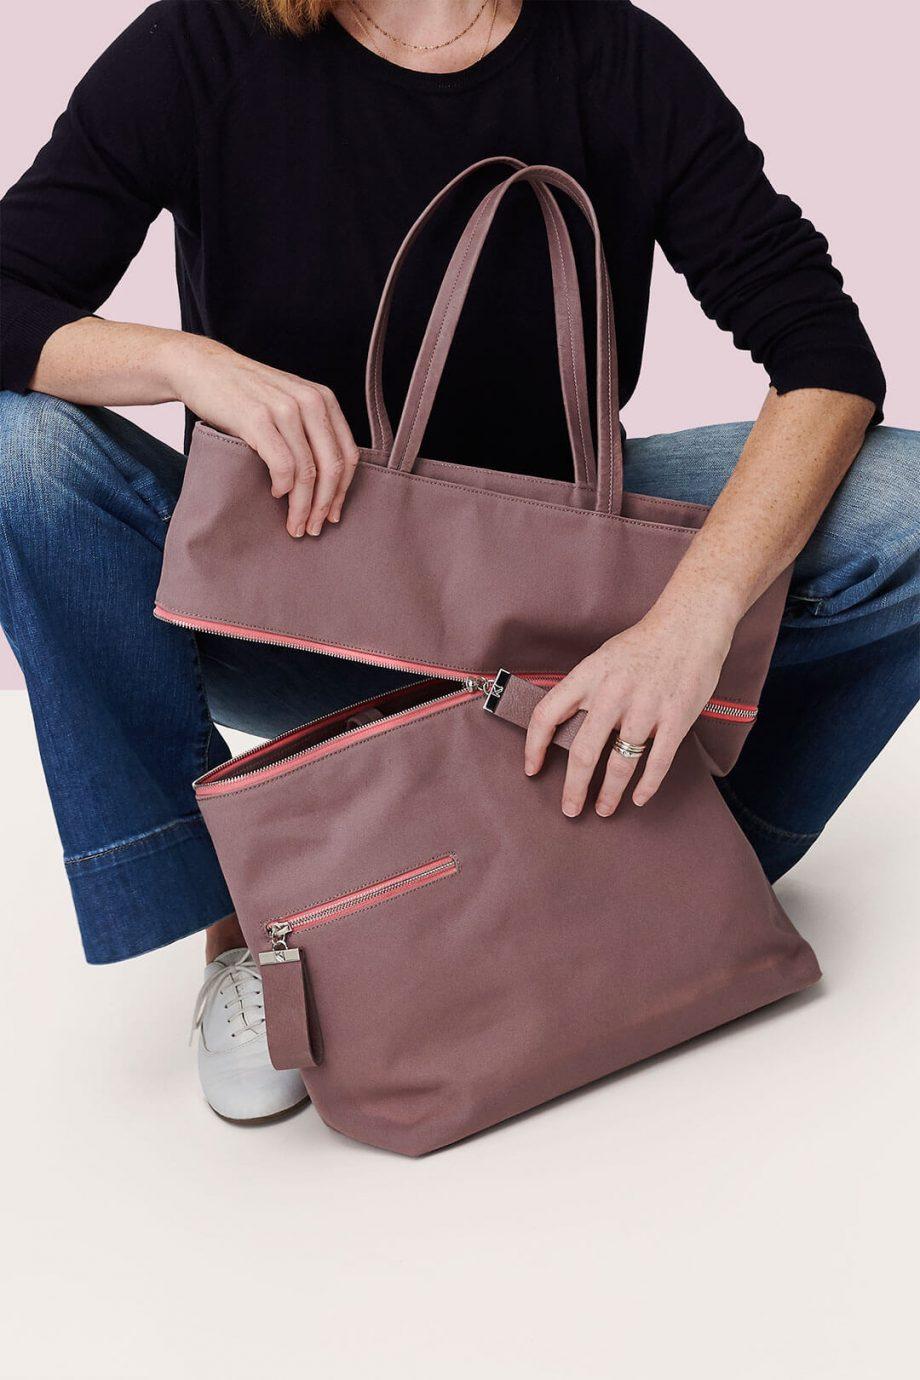 sac-voyage-toile-gris-rosé-zip-rose-téméraire-karenvogt-5